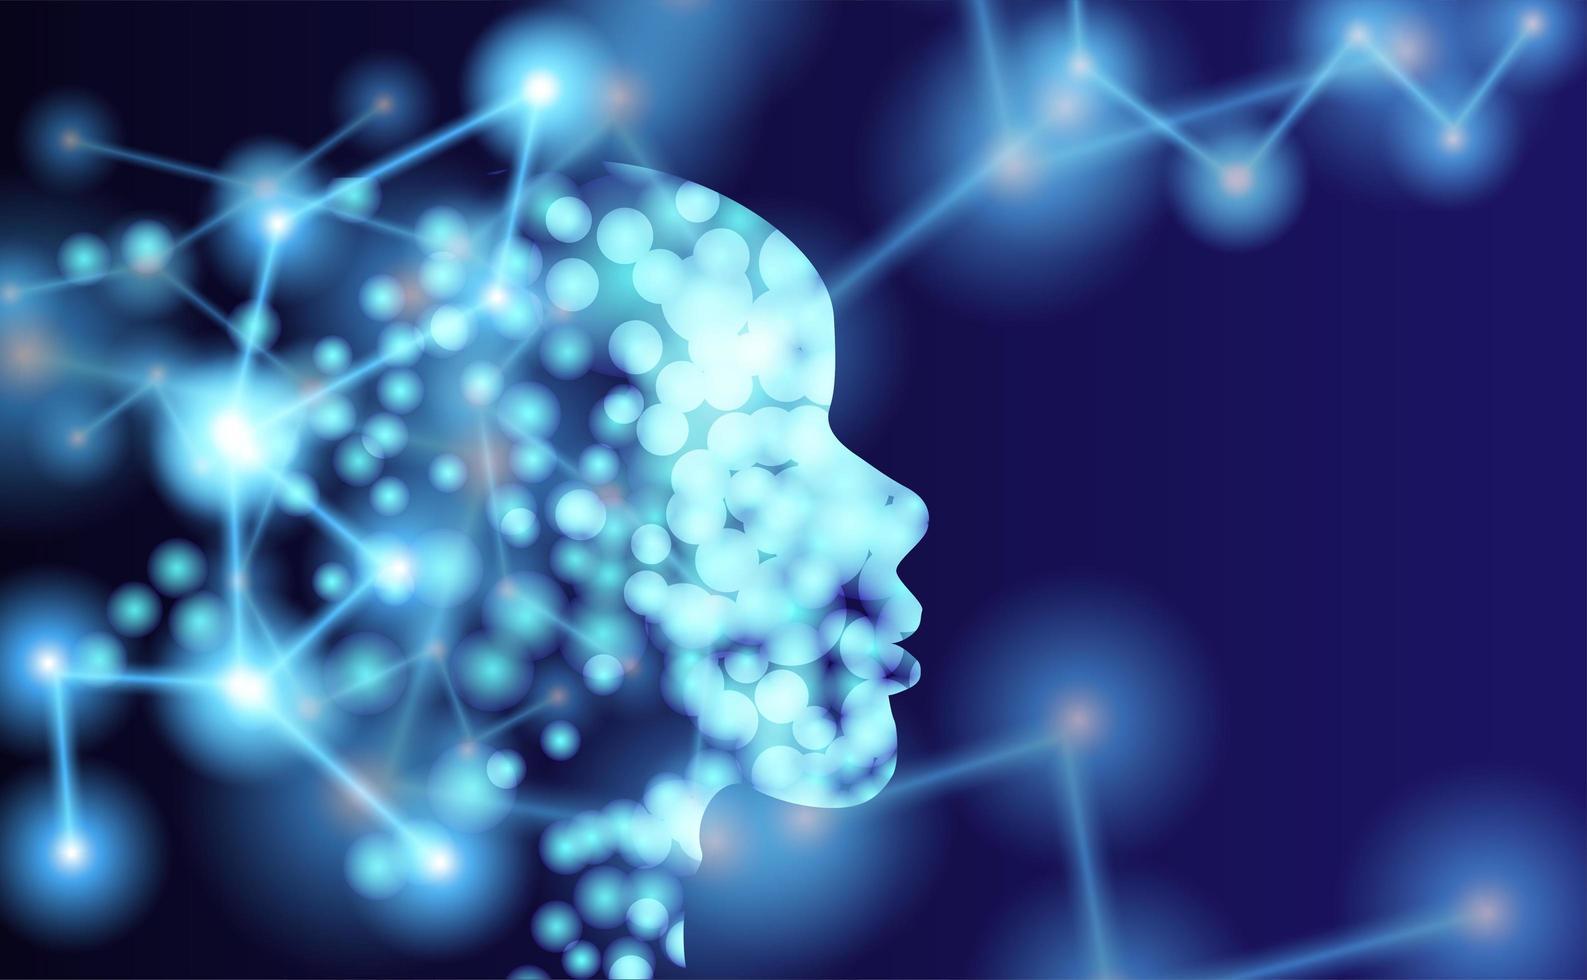 contorno da cabeça humana com moléculas vetor